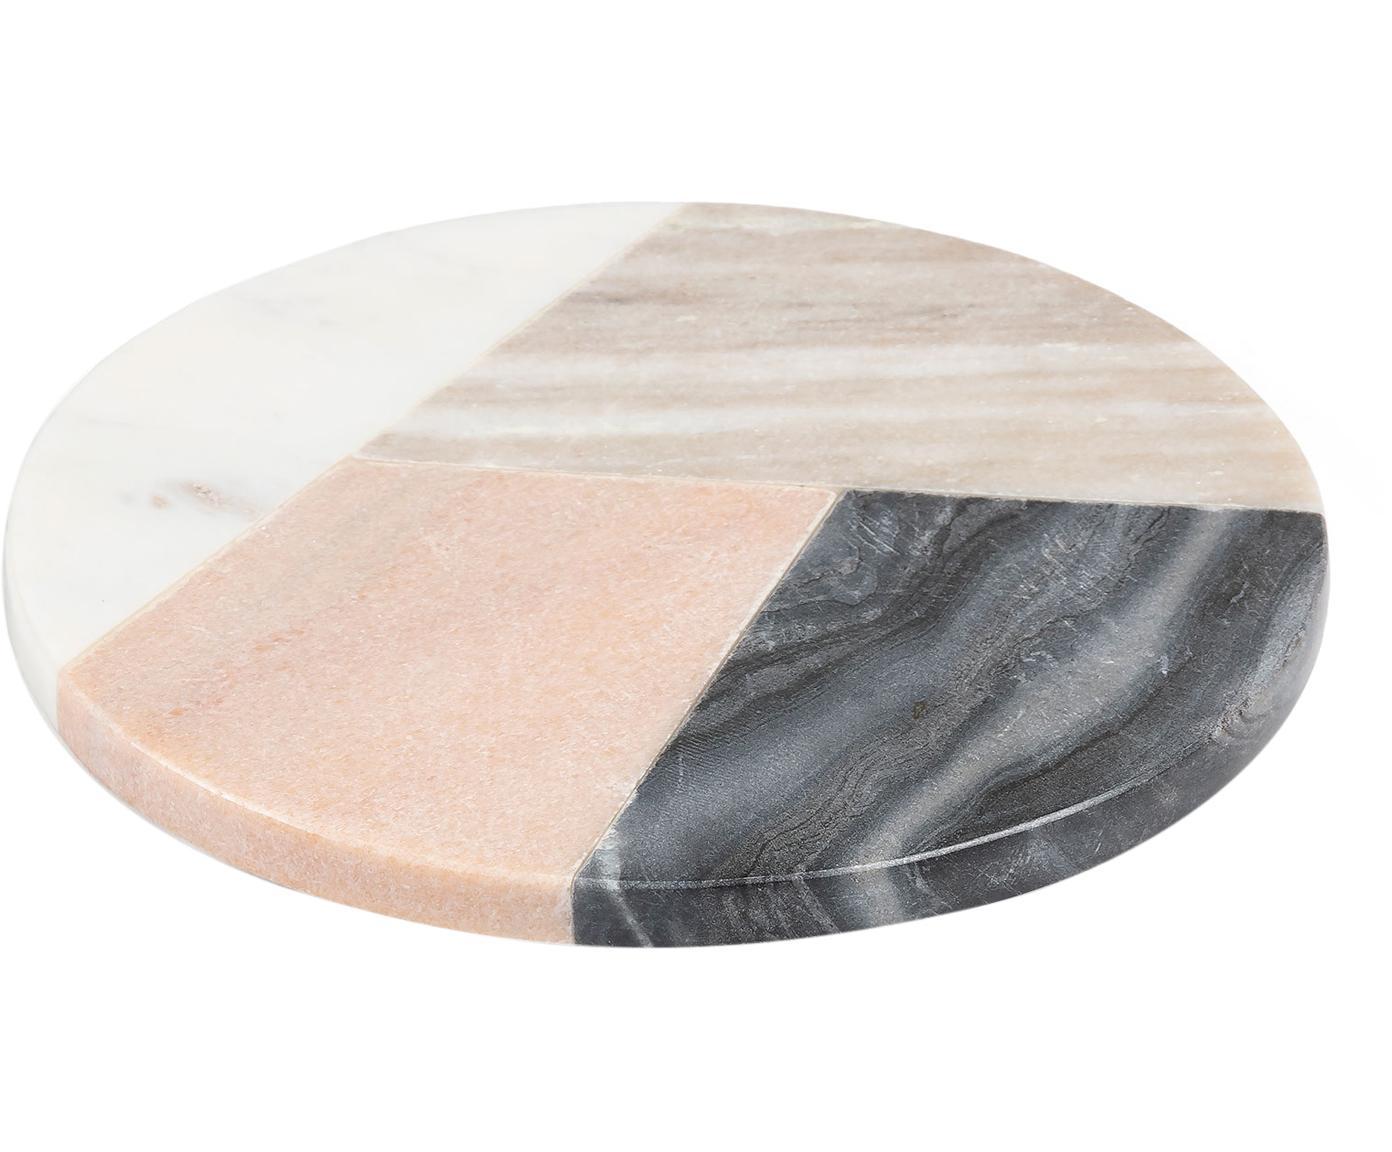 Tagliere in marmo Bradney, Ceramica, marmo, Multicolore, Ø 20 cm